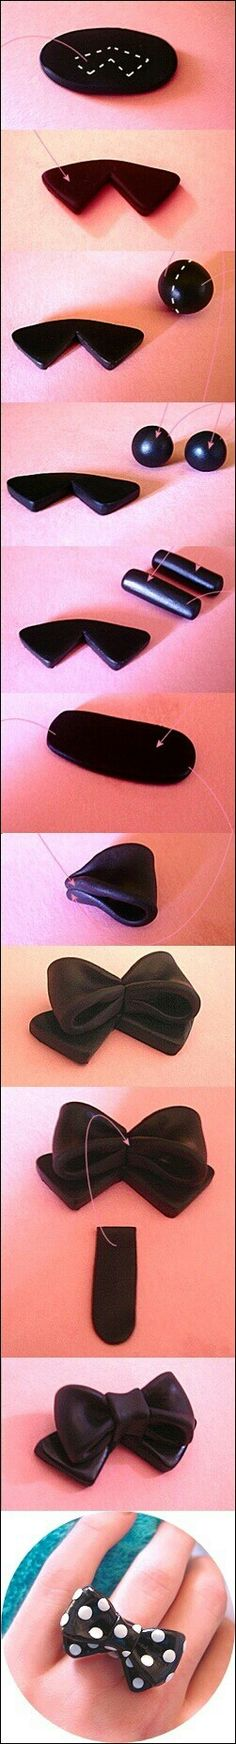 Moño ring